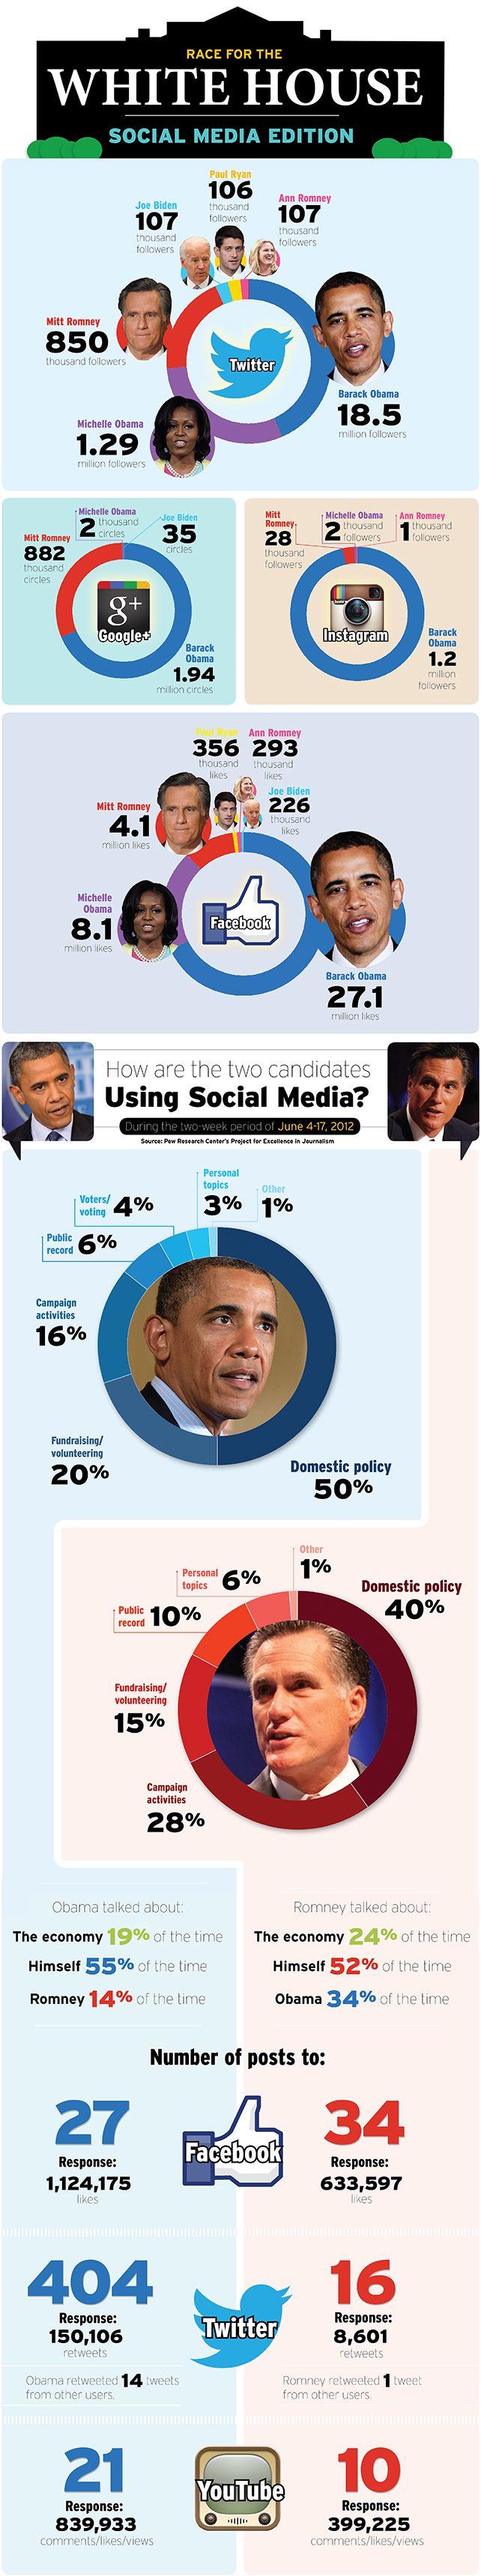 Social Media Duell: Romney vs. Obama. Obama has better chance?